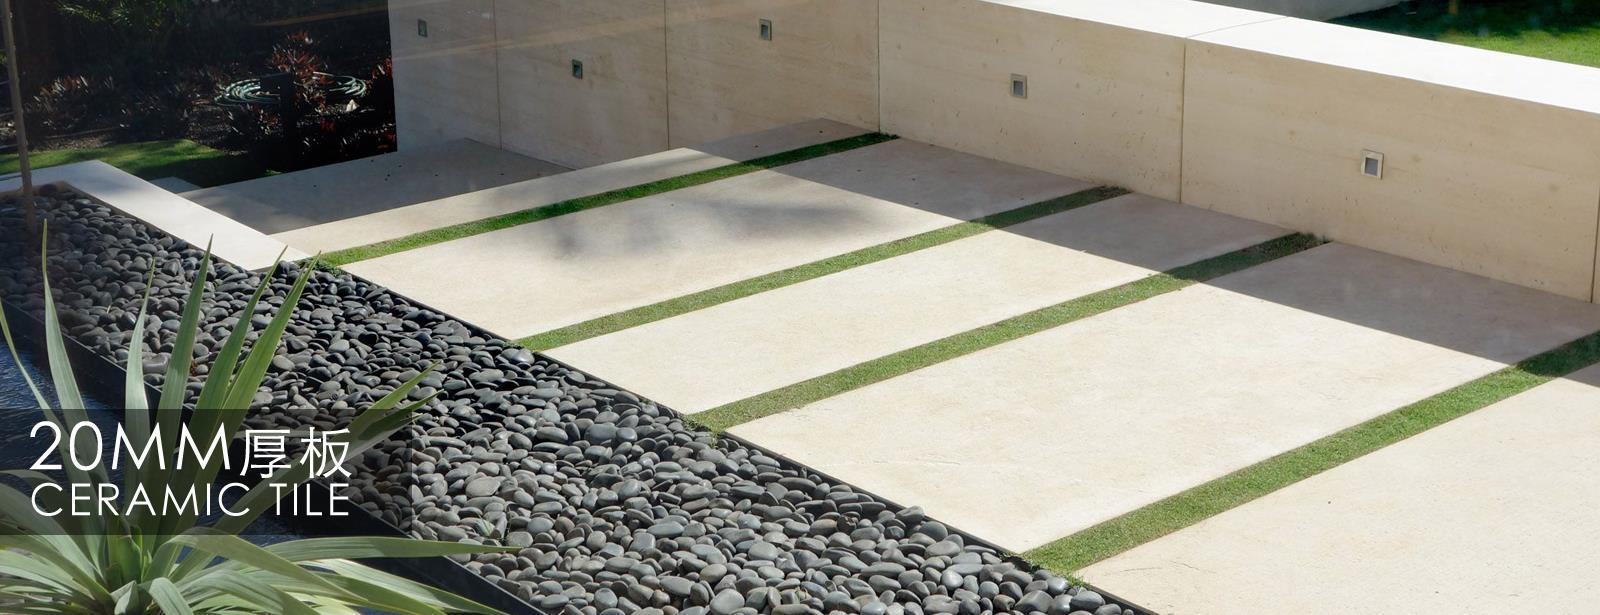 什么是懸空鋪貼?戶外地面如何鋪貼瓷磚厚板?